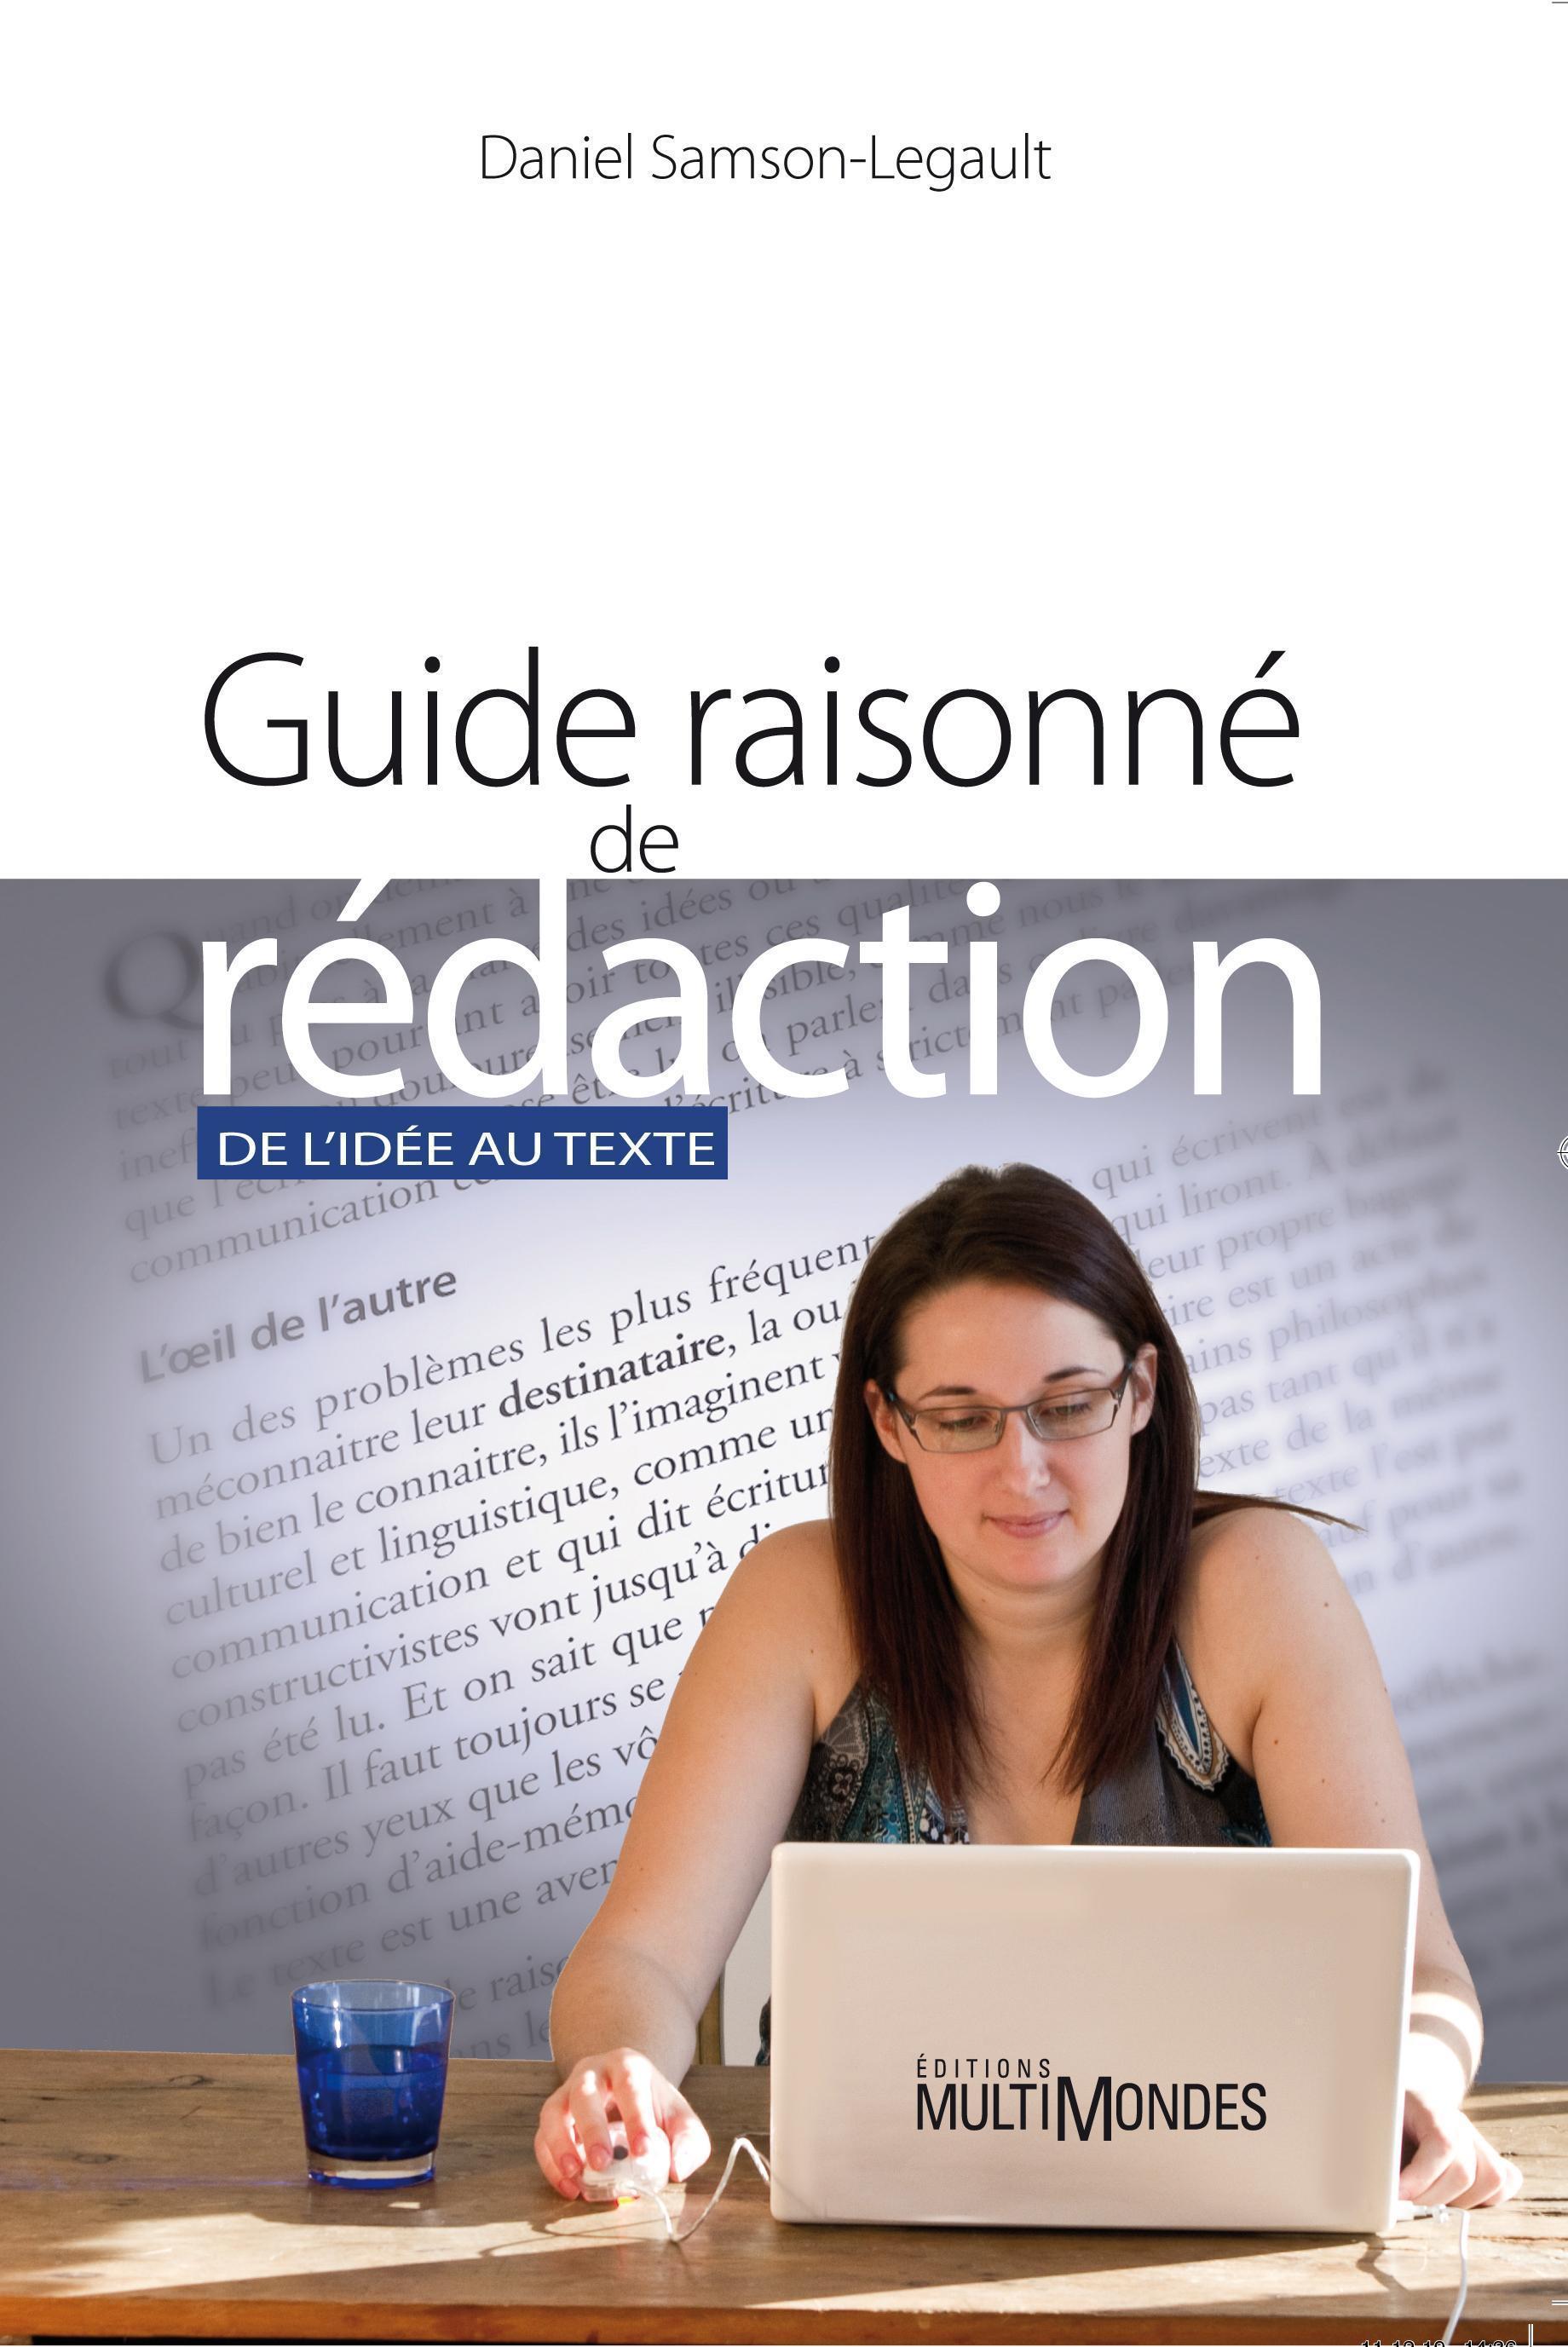 Guide raisonné de rédaction